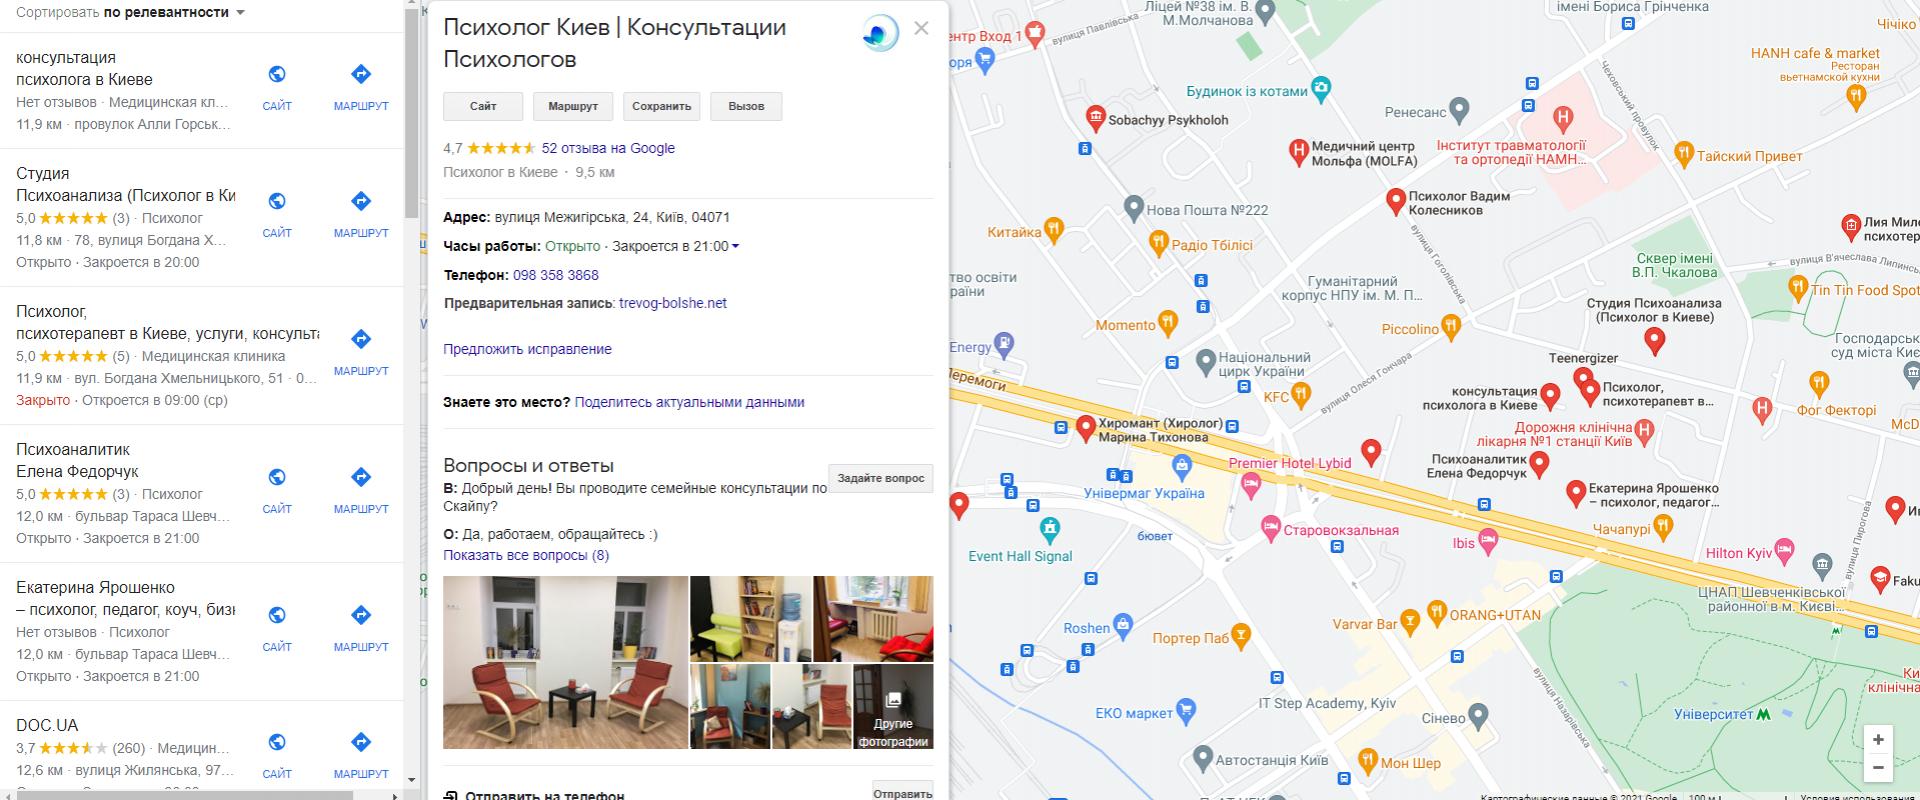 Страницы психологов в Google My Business